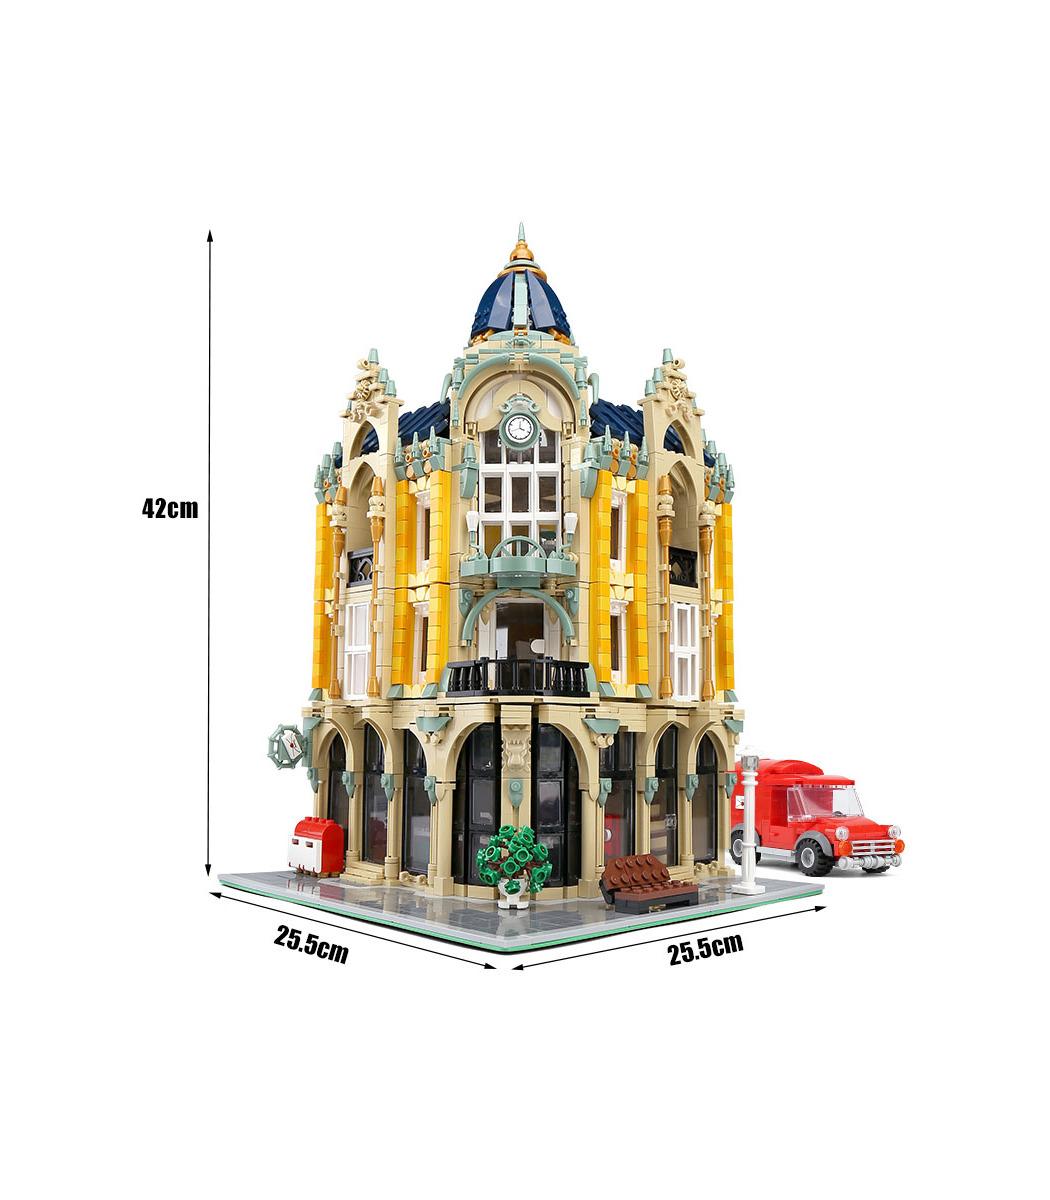 Moule Roi 16010 Coin Bureau De Poste De Blocs De Construction Jouets Set Buildingtoystore Com